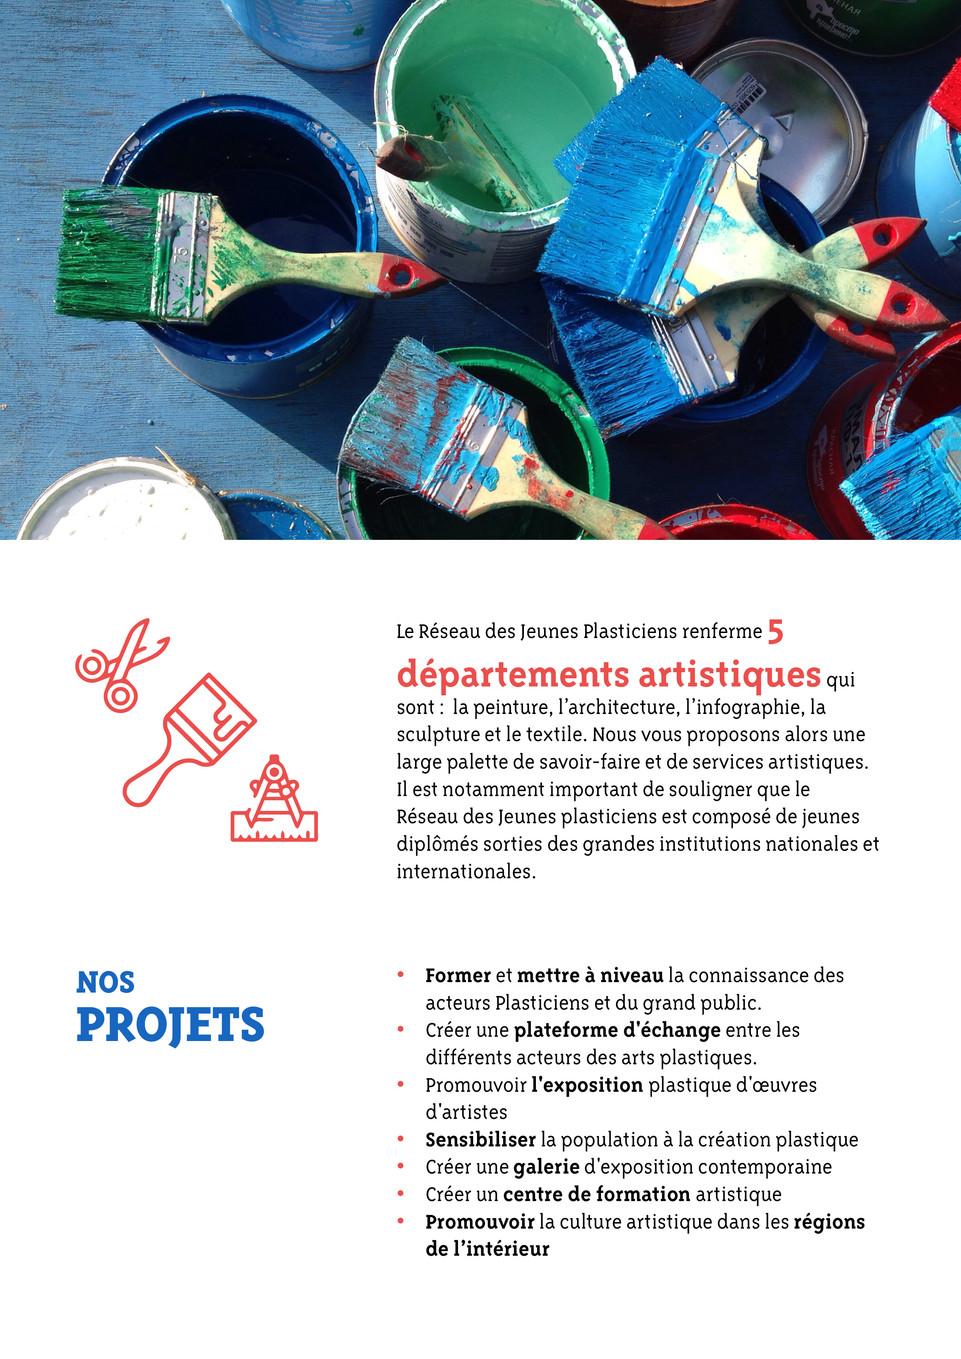 Réseau_des_Jeunes_plasticiens,_charte7.j